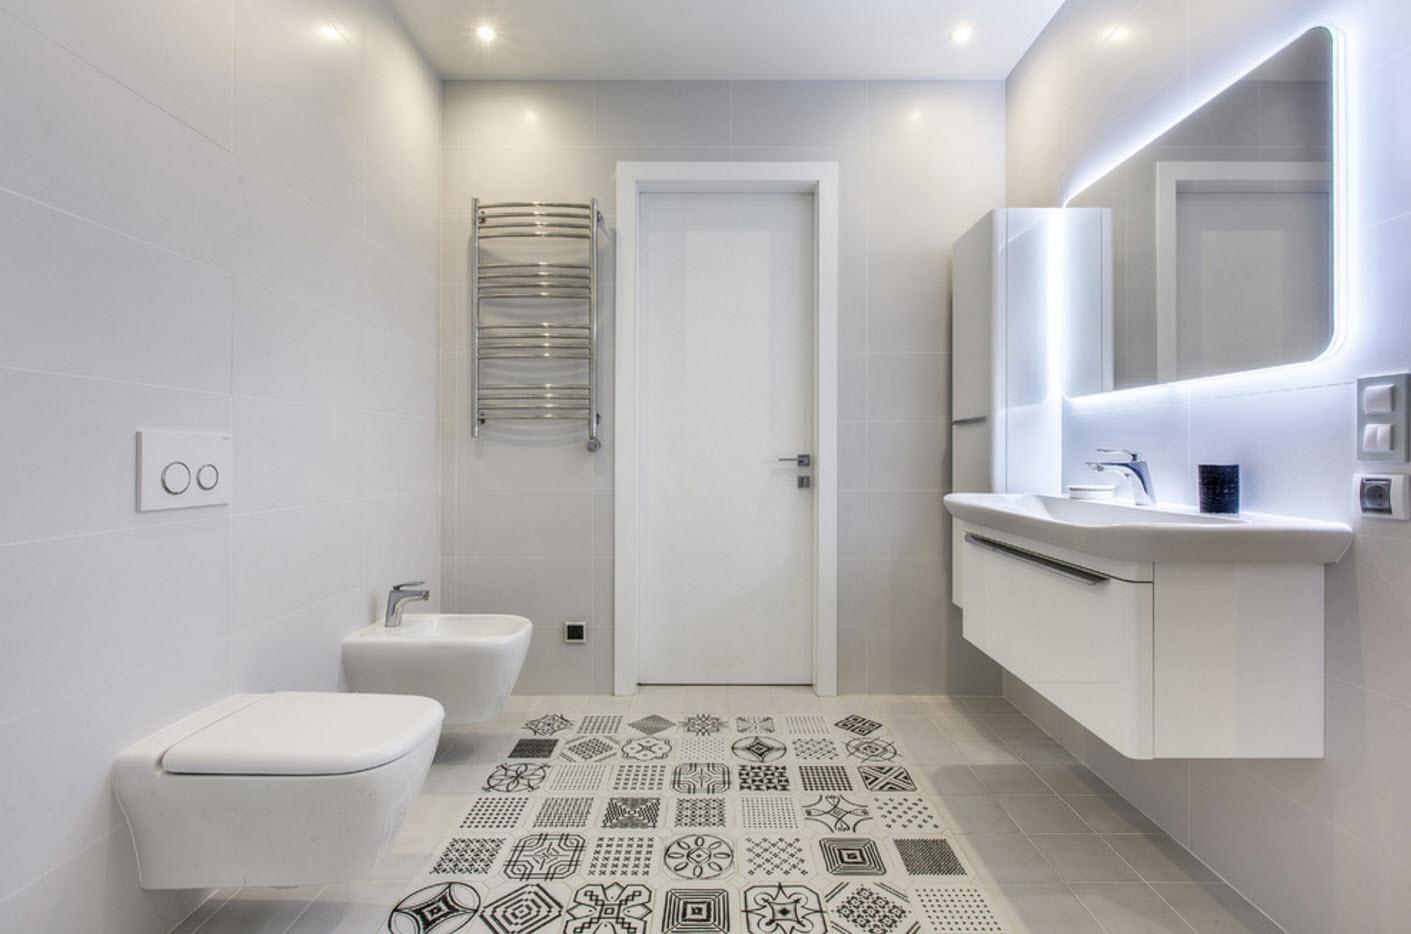 дизайн ванной комнаты совмещенной с туалетом фото 2